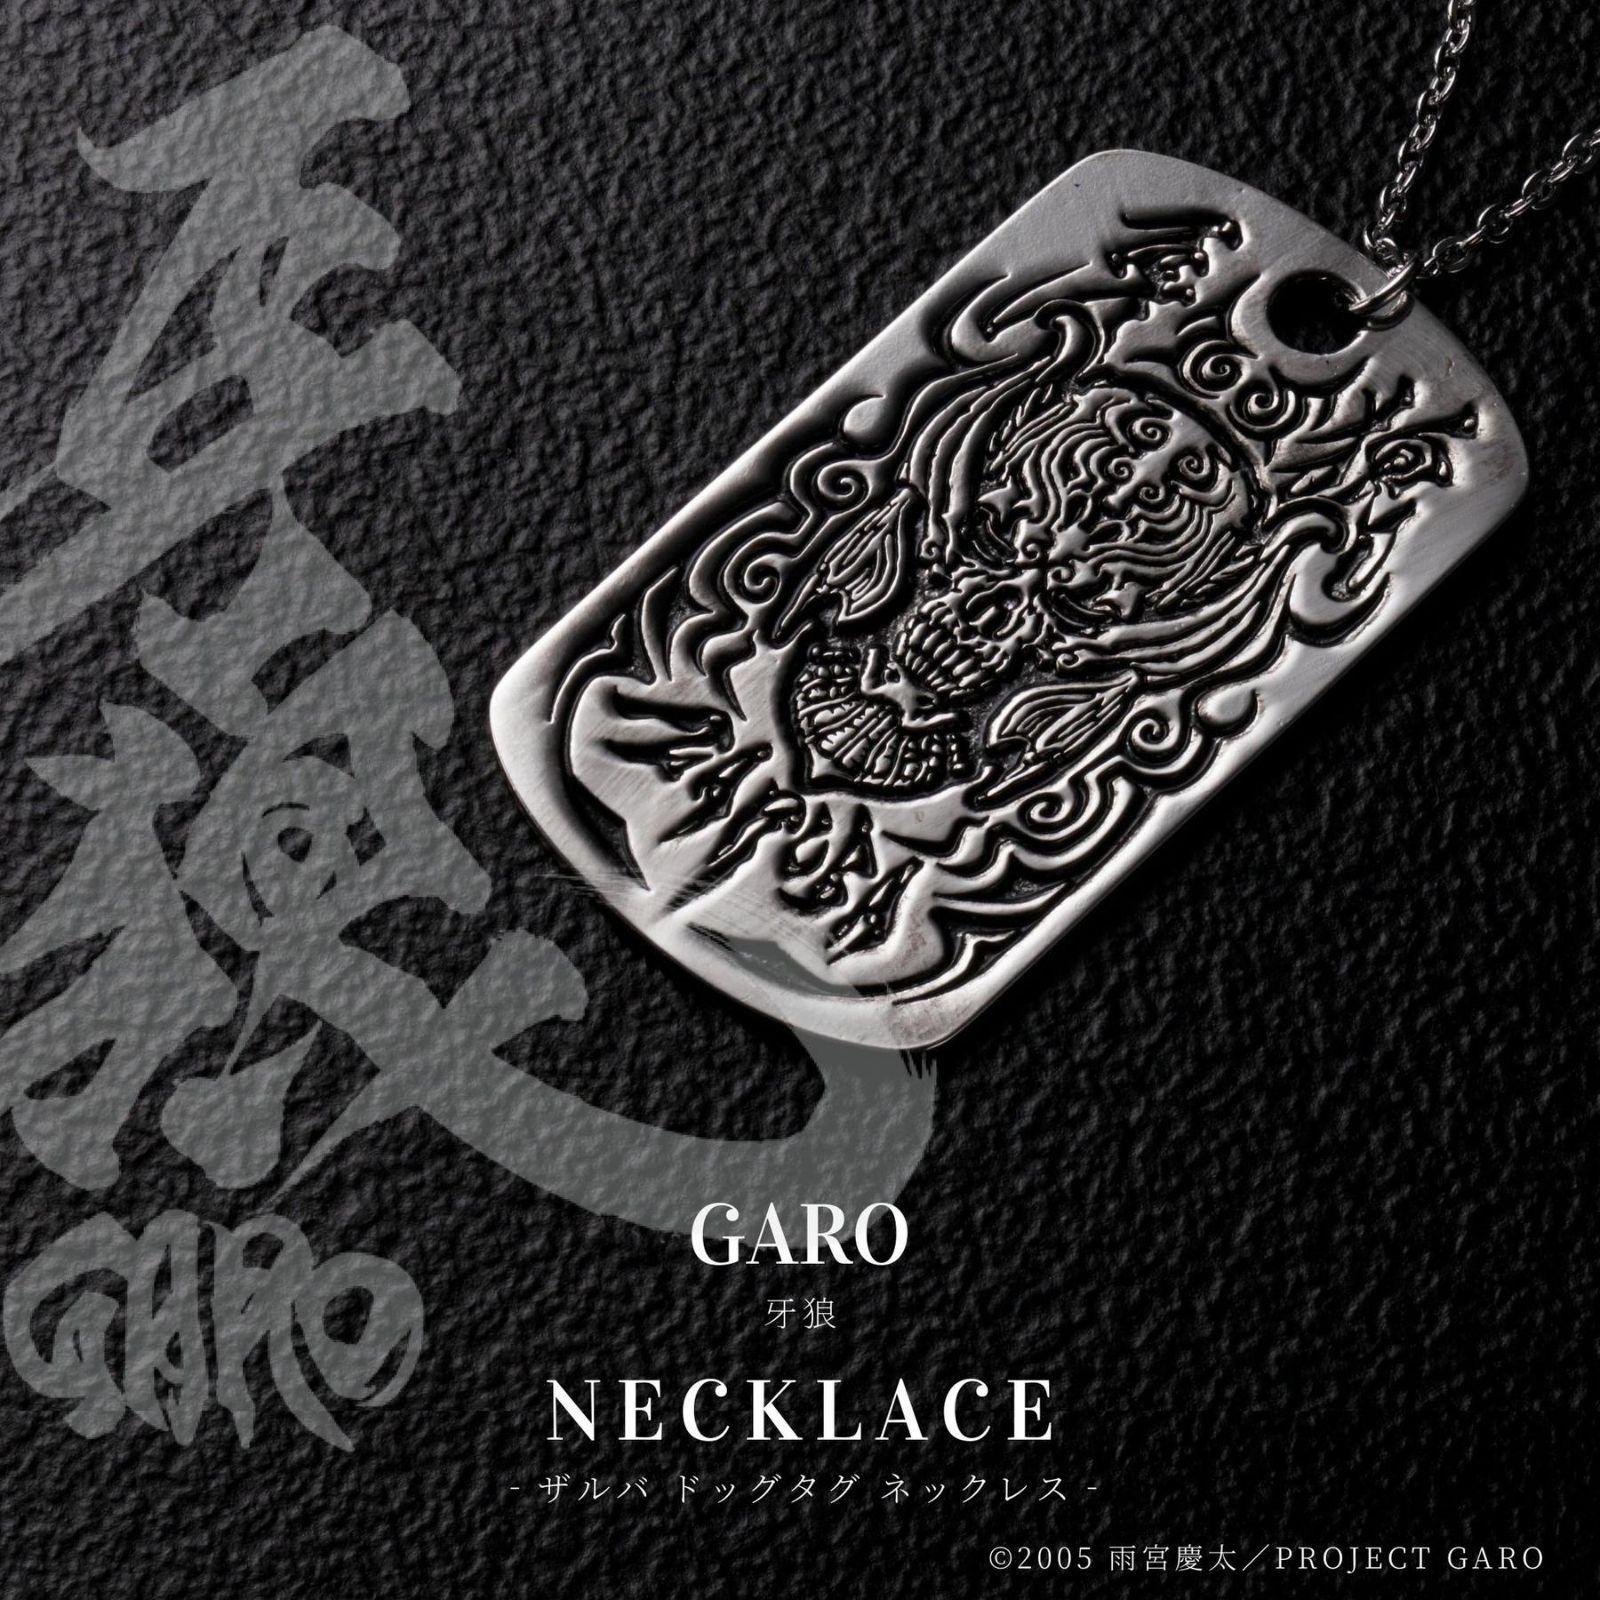 牙狼<GARO> 魔導輪薩魯巴軍牌項鍊